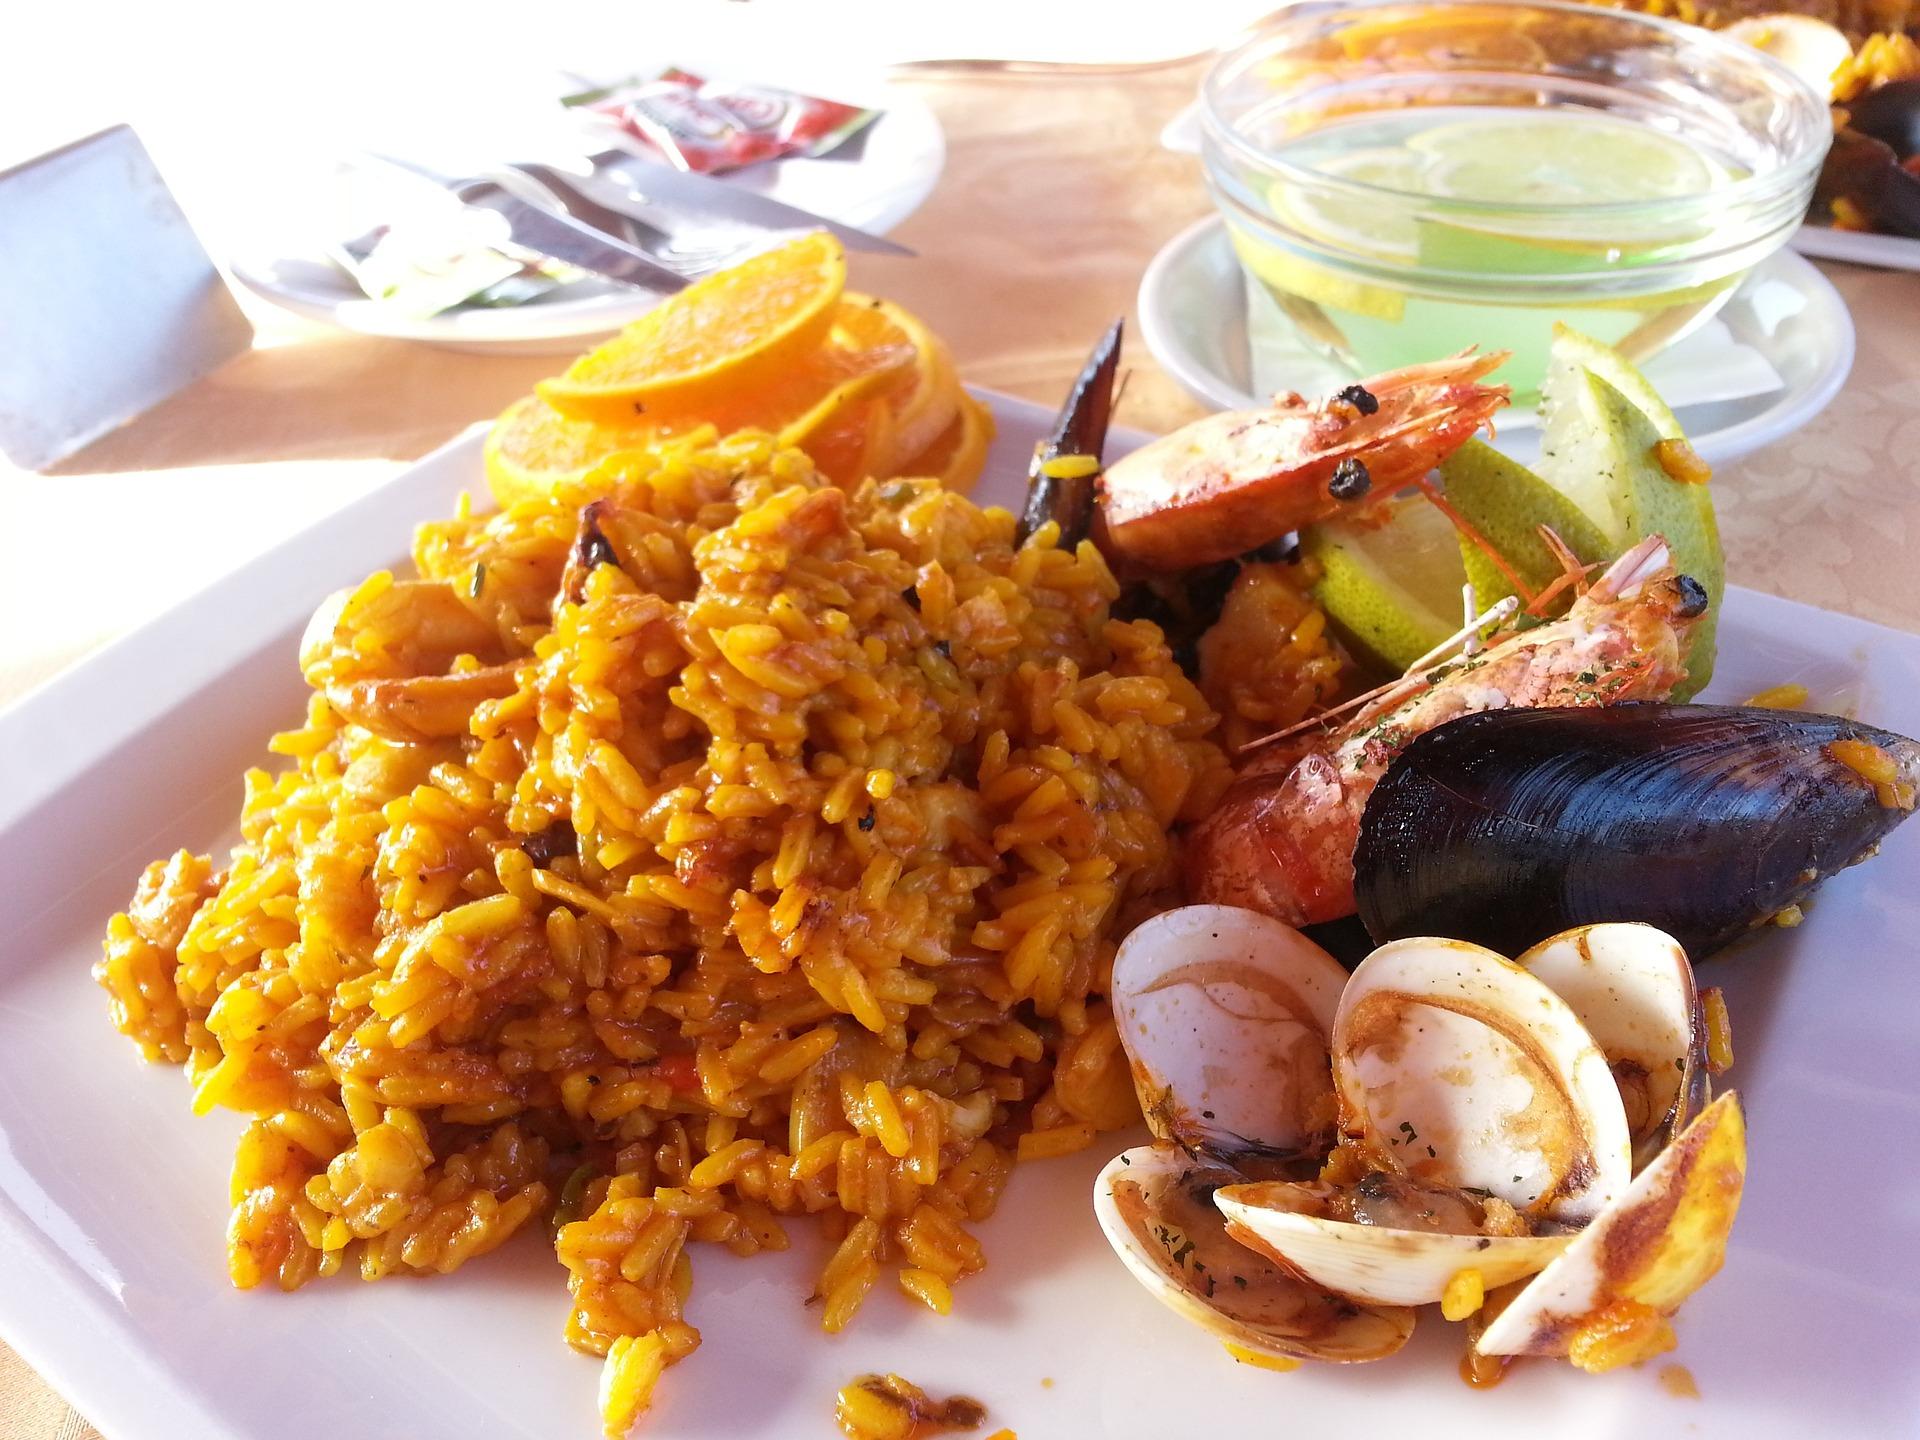 Los mejores restaurantes de comida catalana for Restaurante cocina catalana barcelona